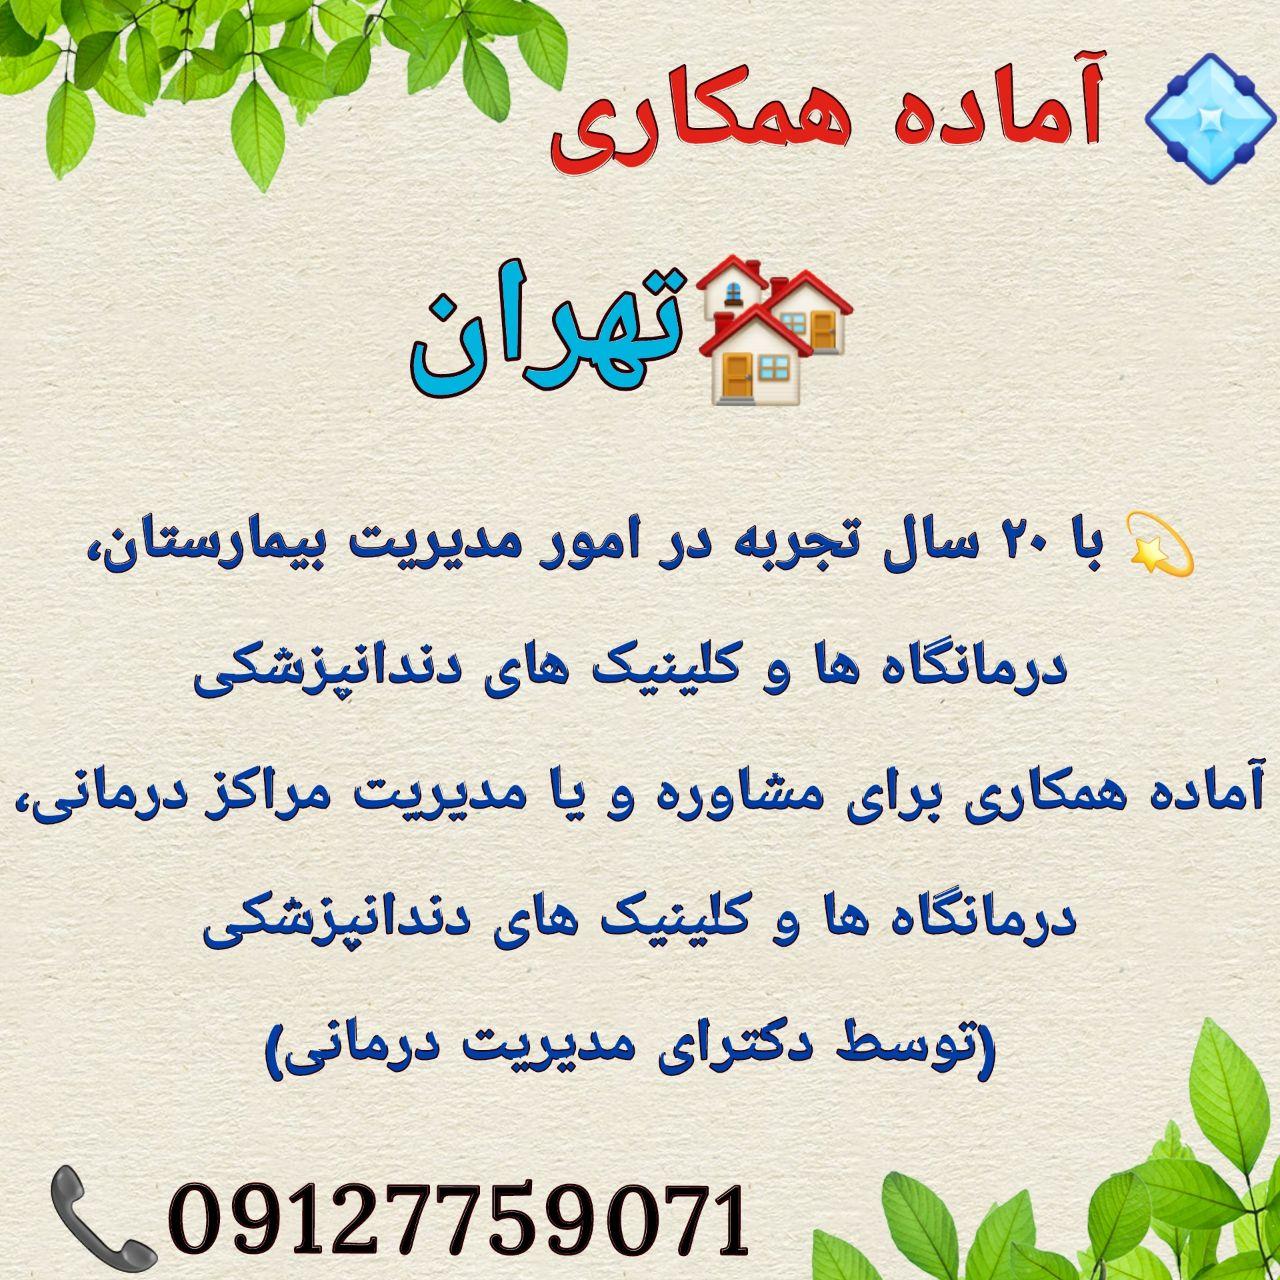 تهران: آماده همکاری